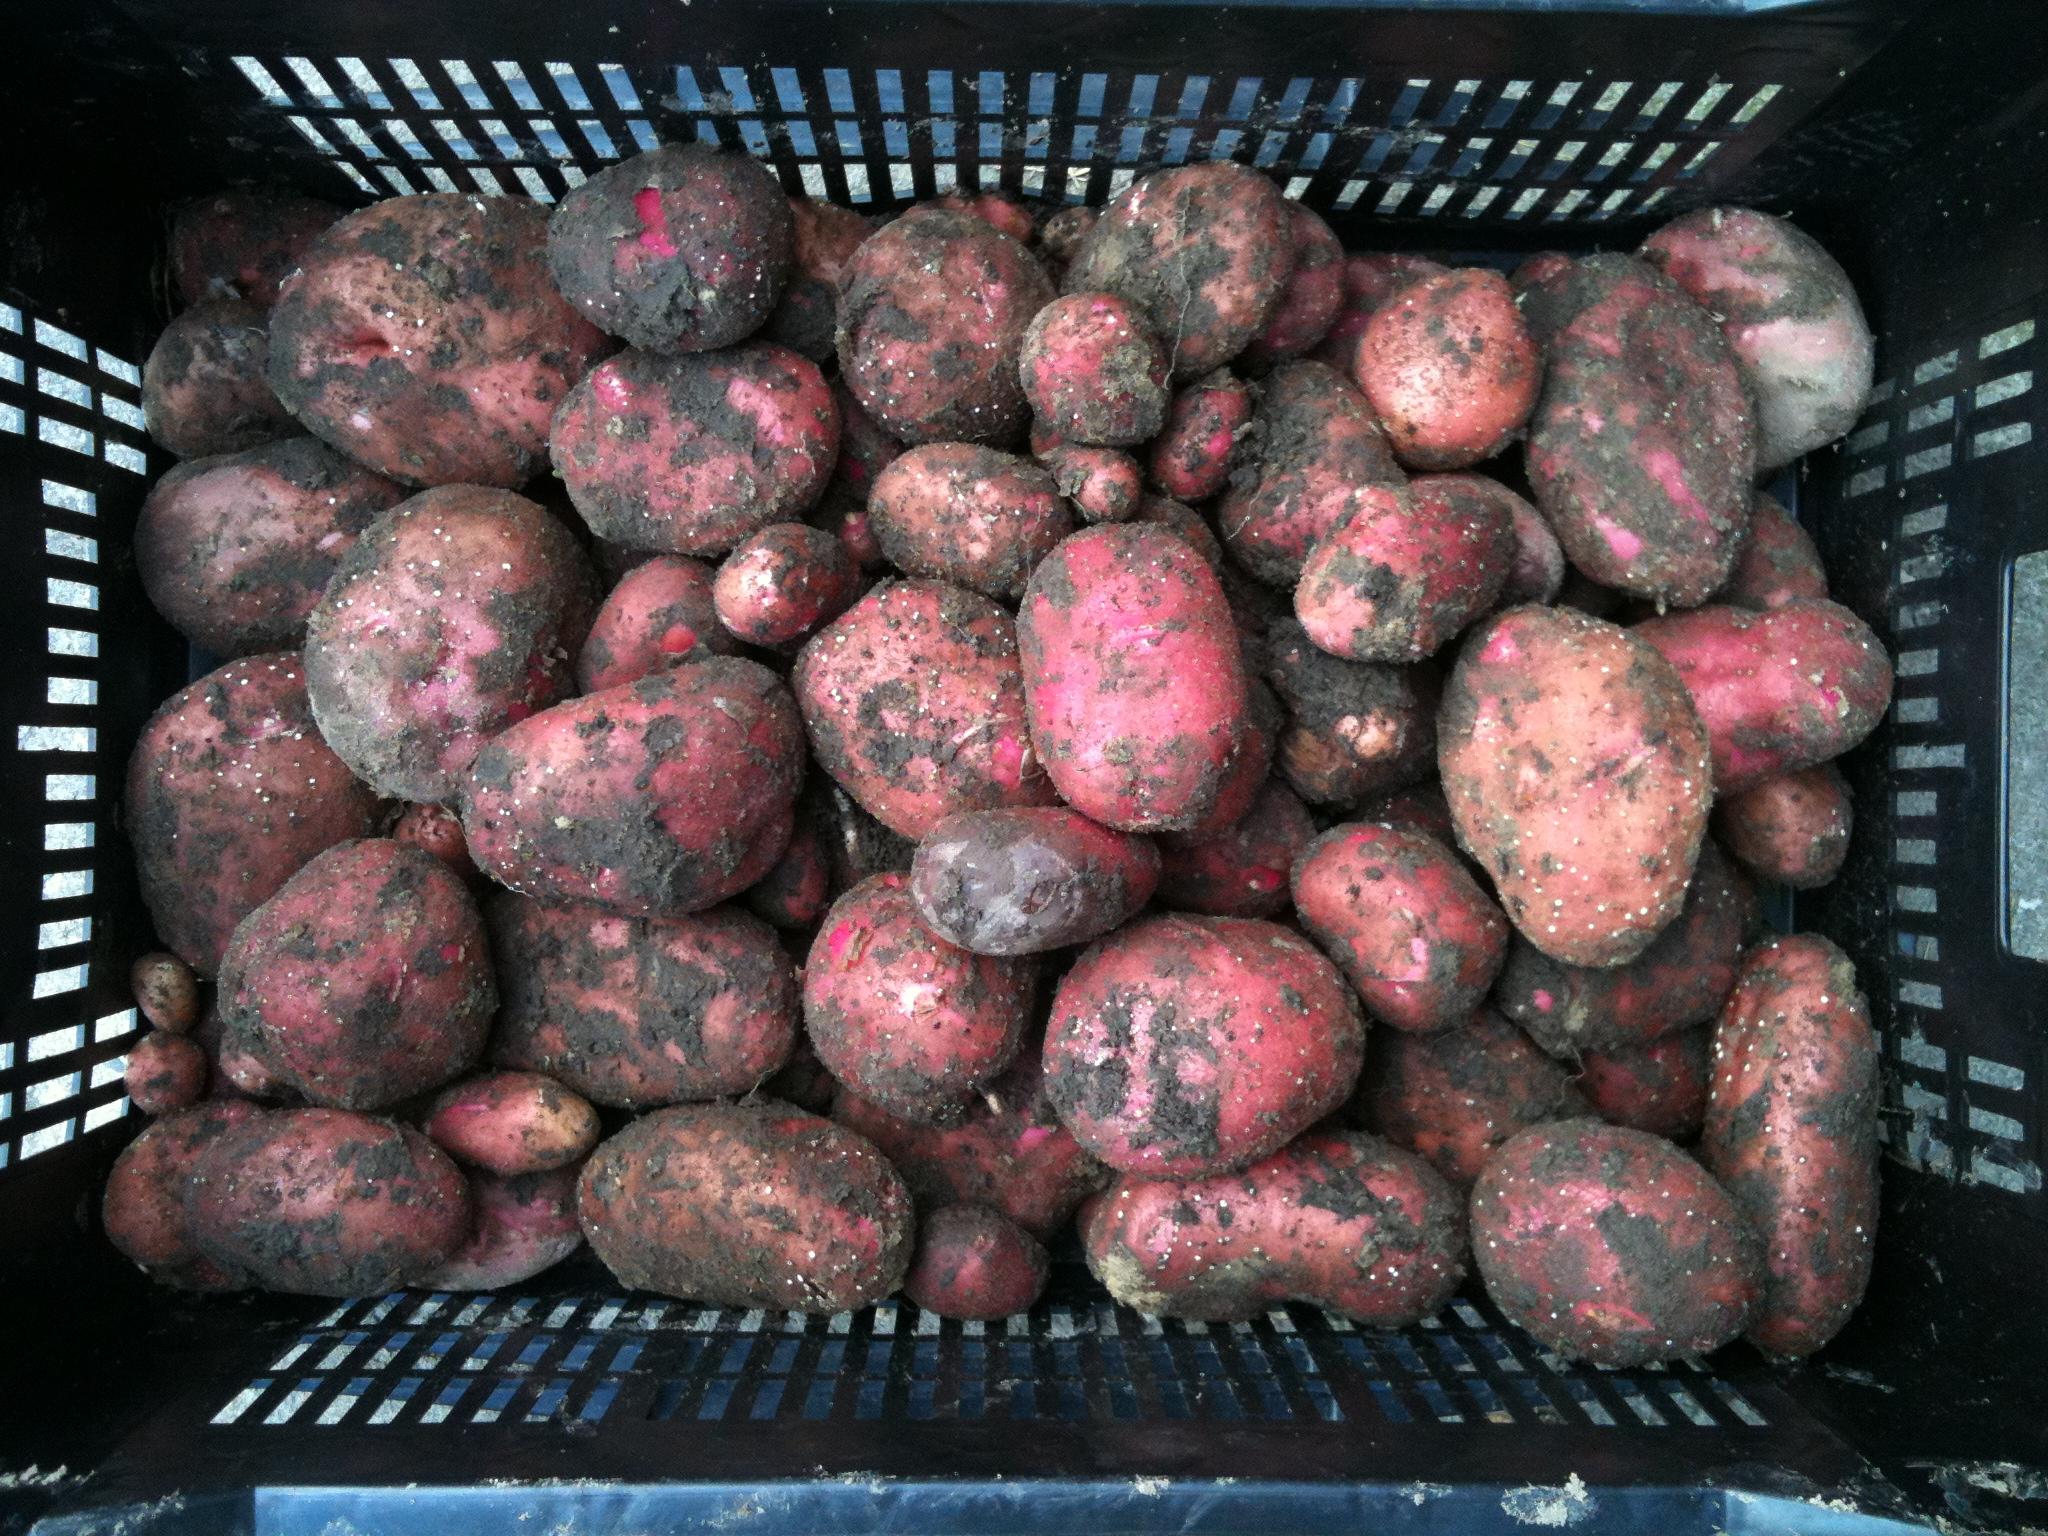 Raja aardappelen